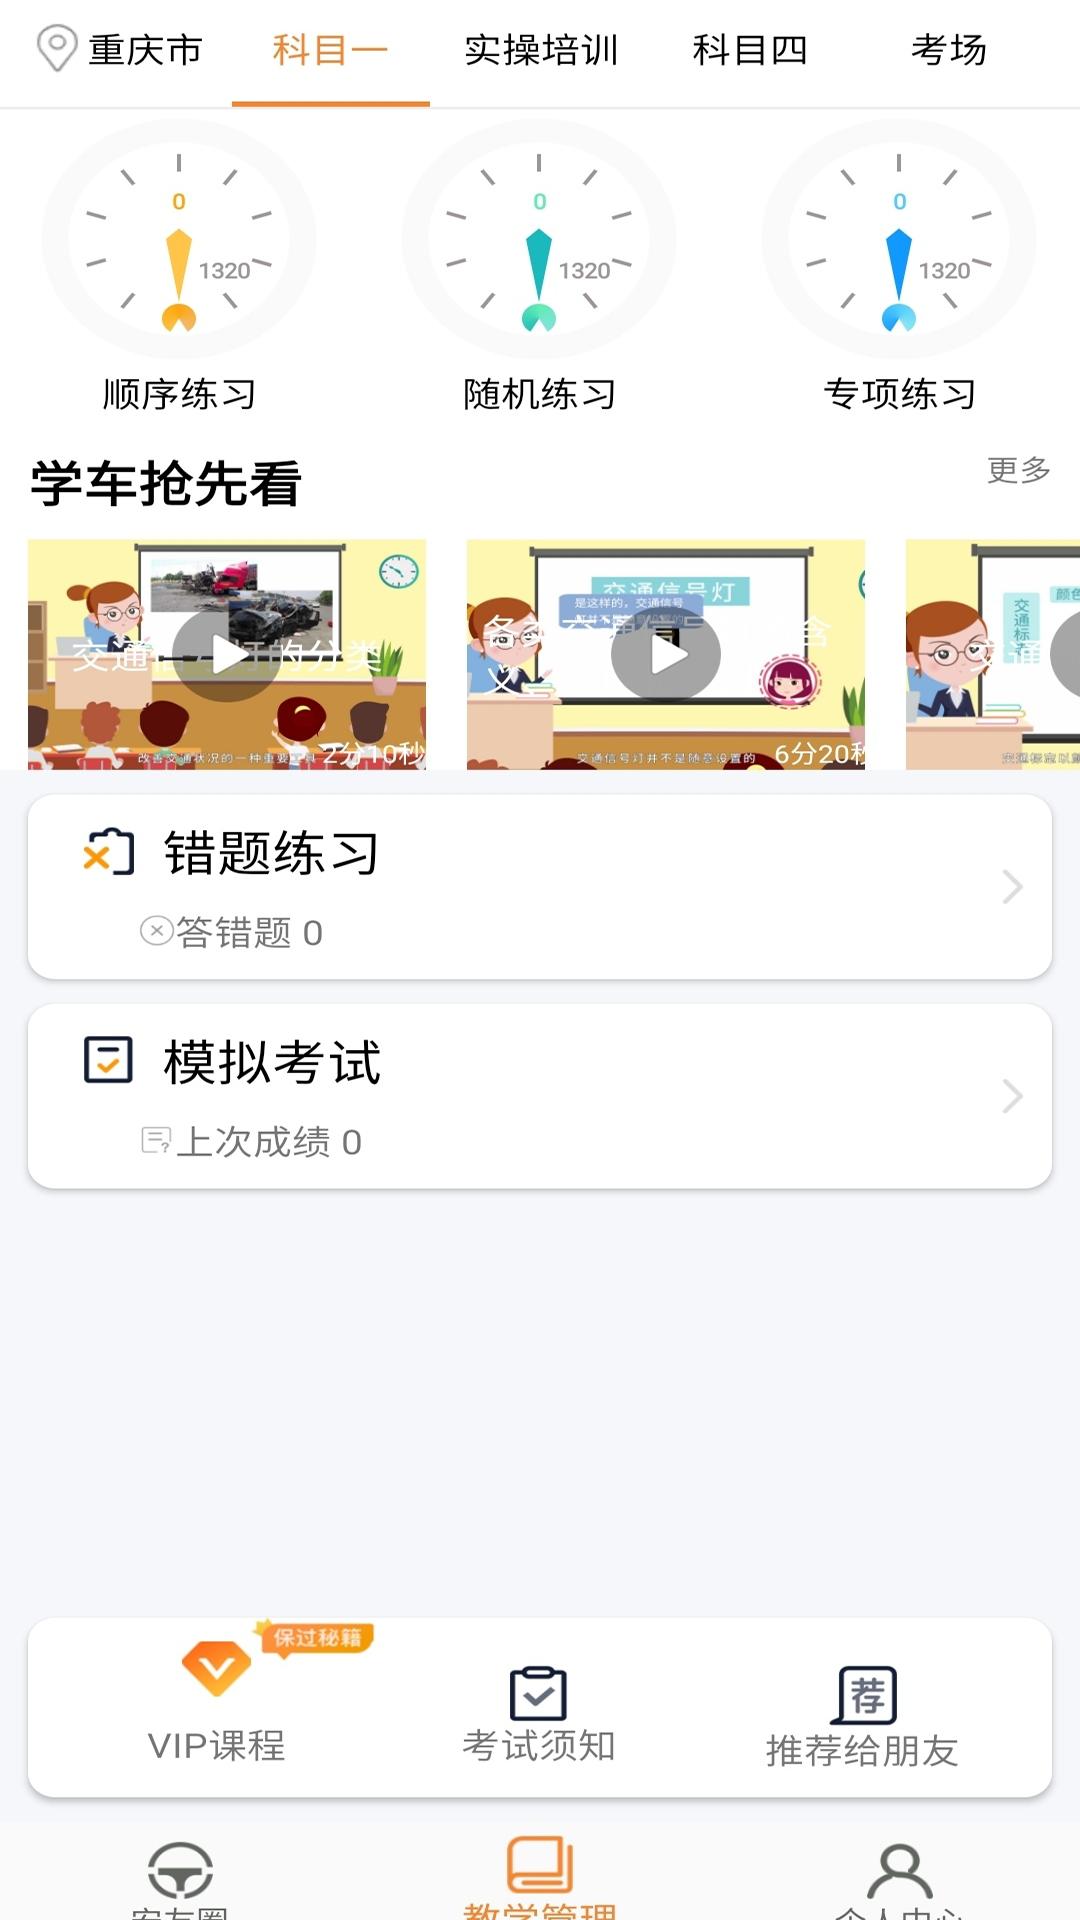 安安车生活appv113 最新版